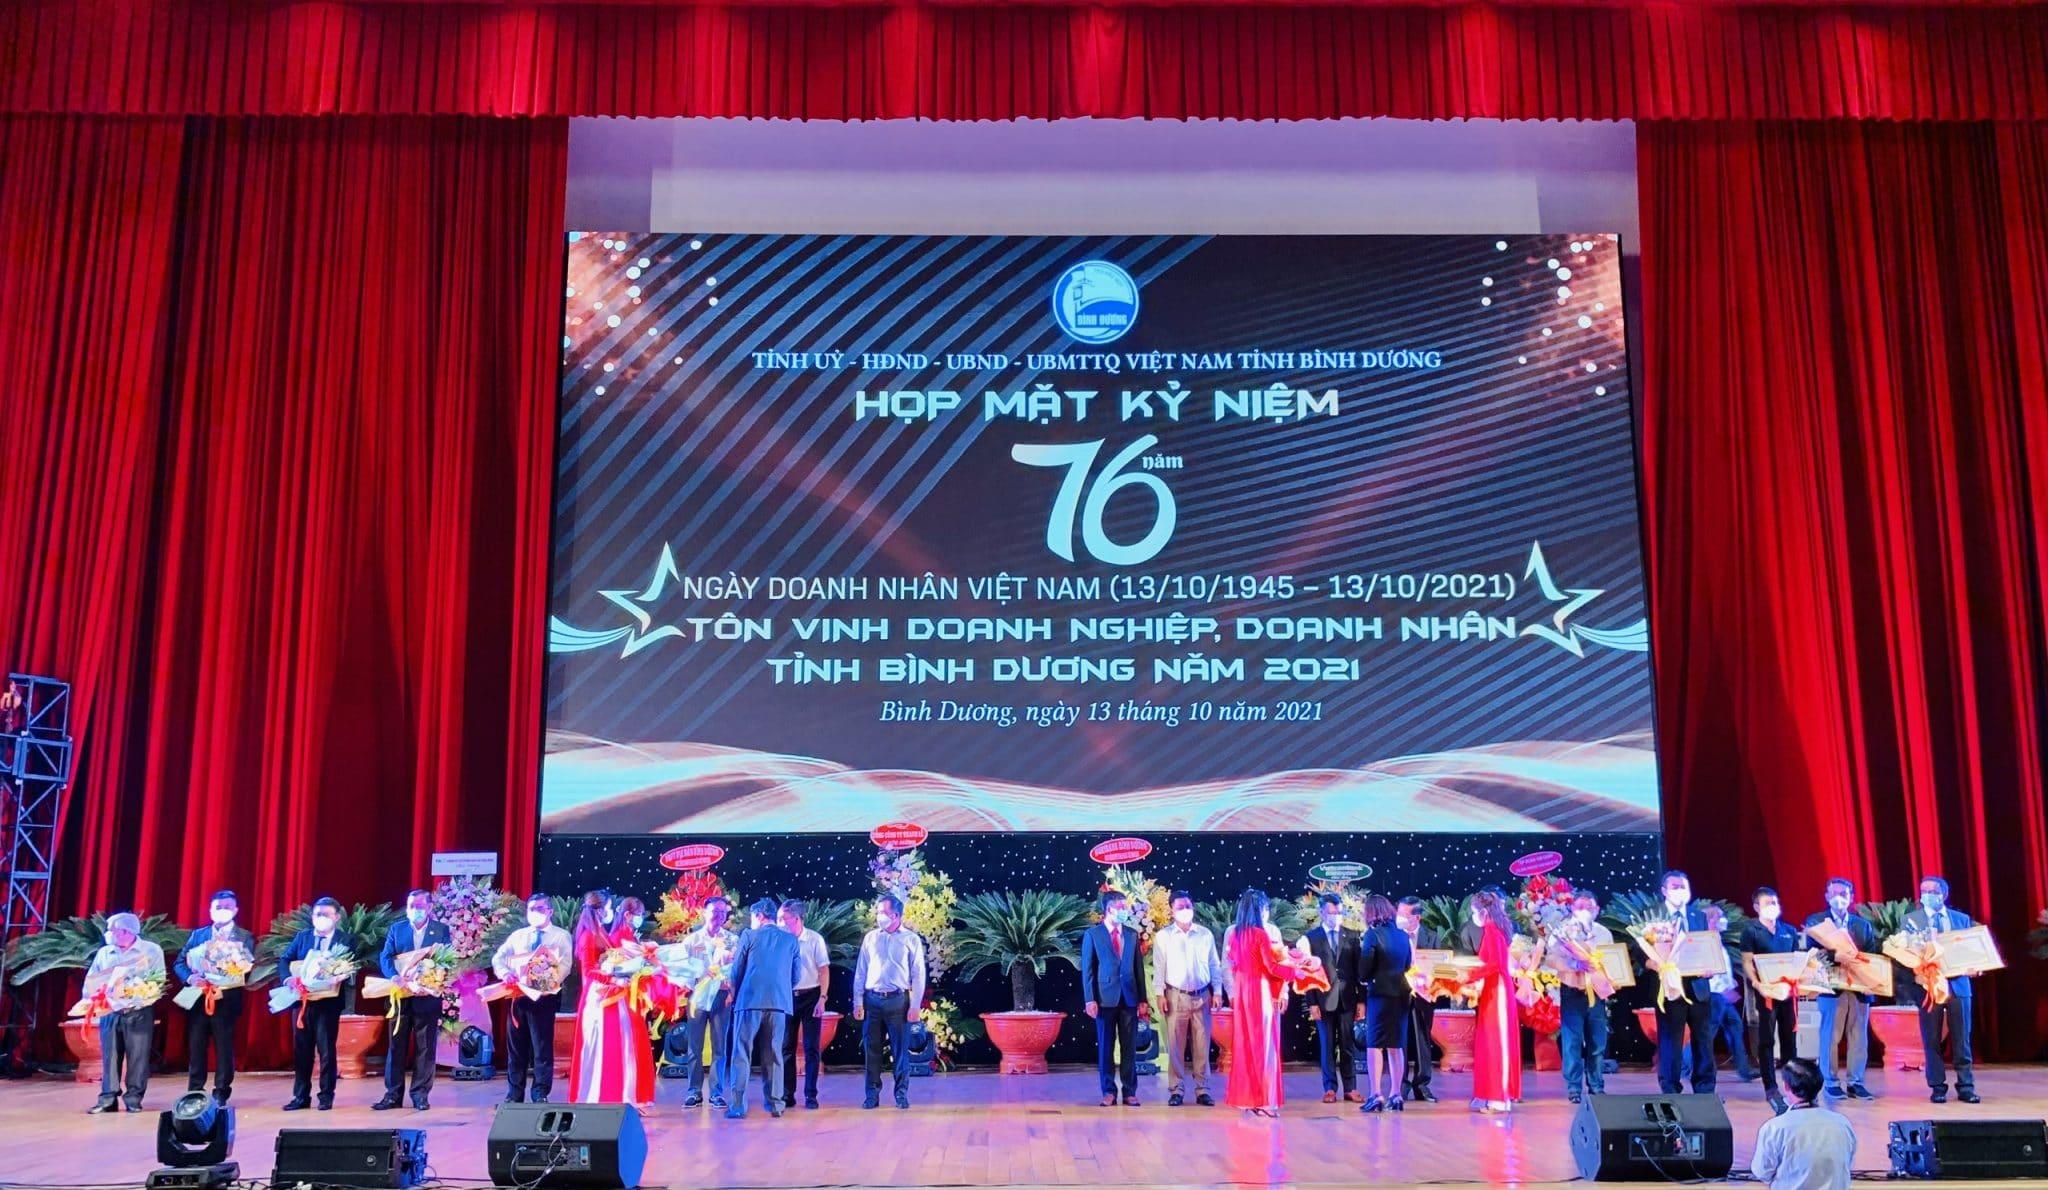 Ông: PEH CHEE SIONG Tổng Giám Đốc công ty TNHH Sing Indsutrial Gas Việt Nam đang nhận bằng khen từ Tỉnh Bình Dương